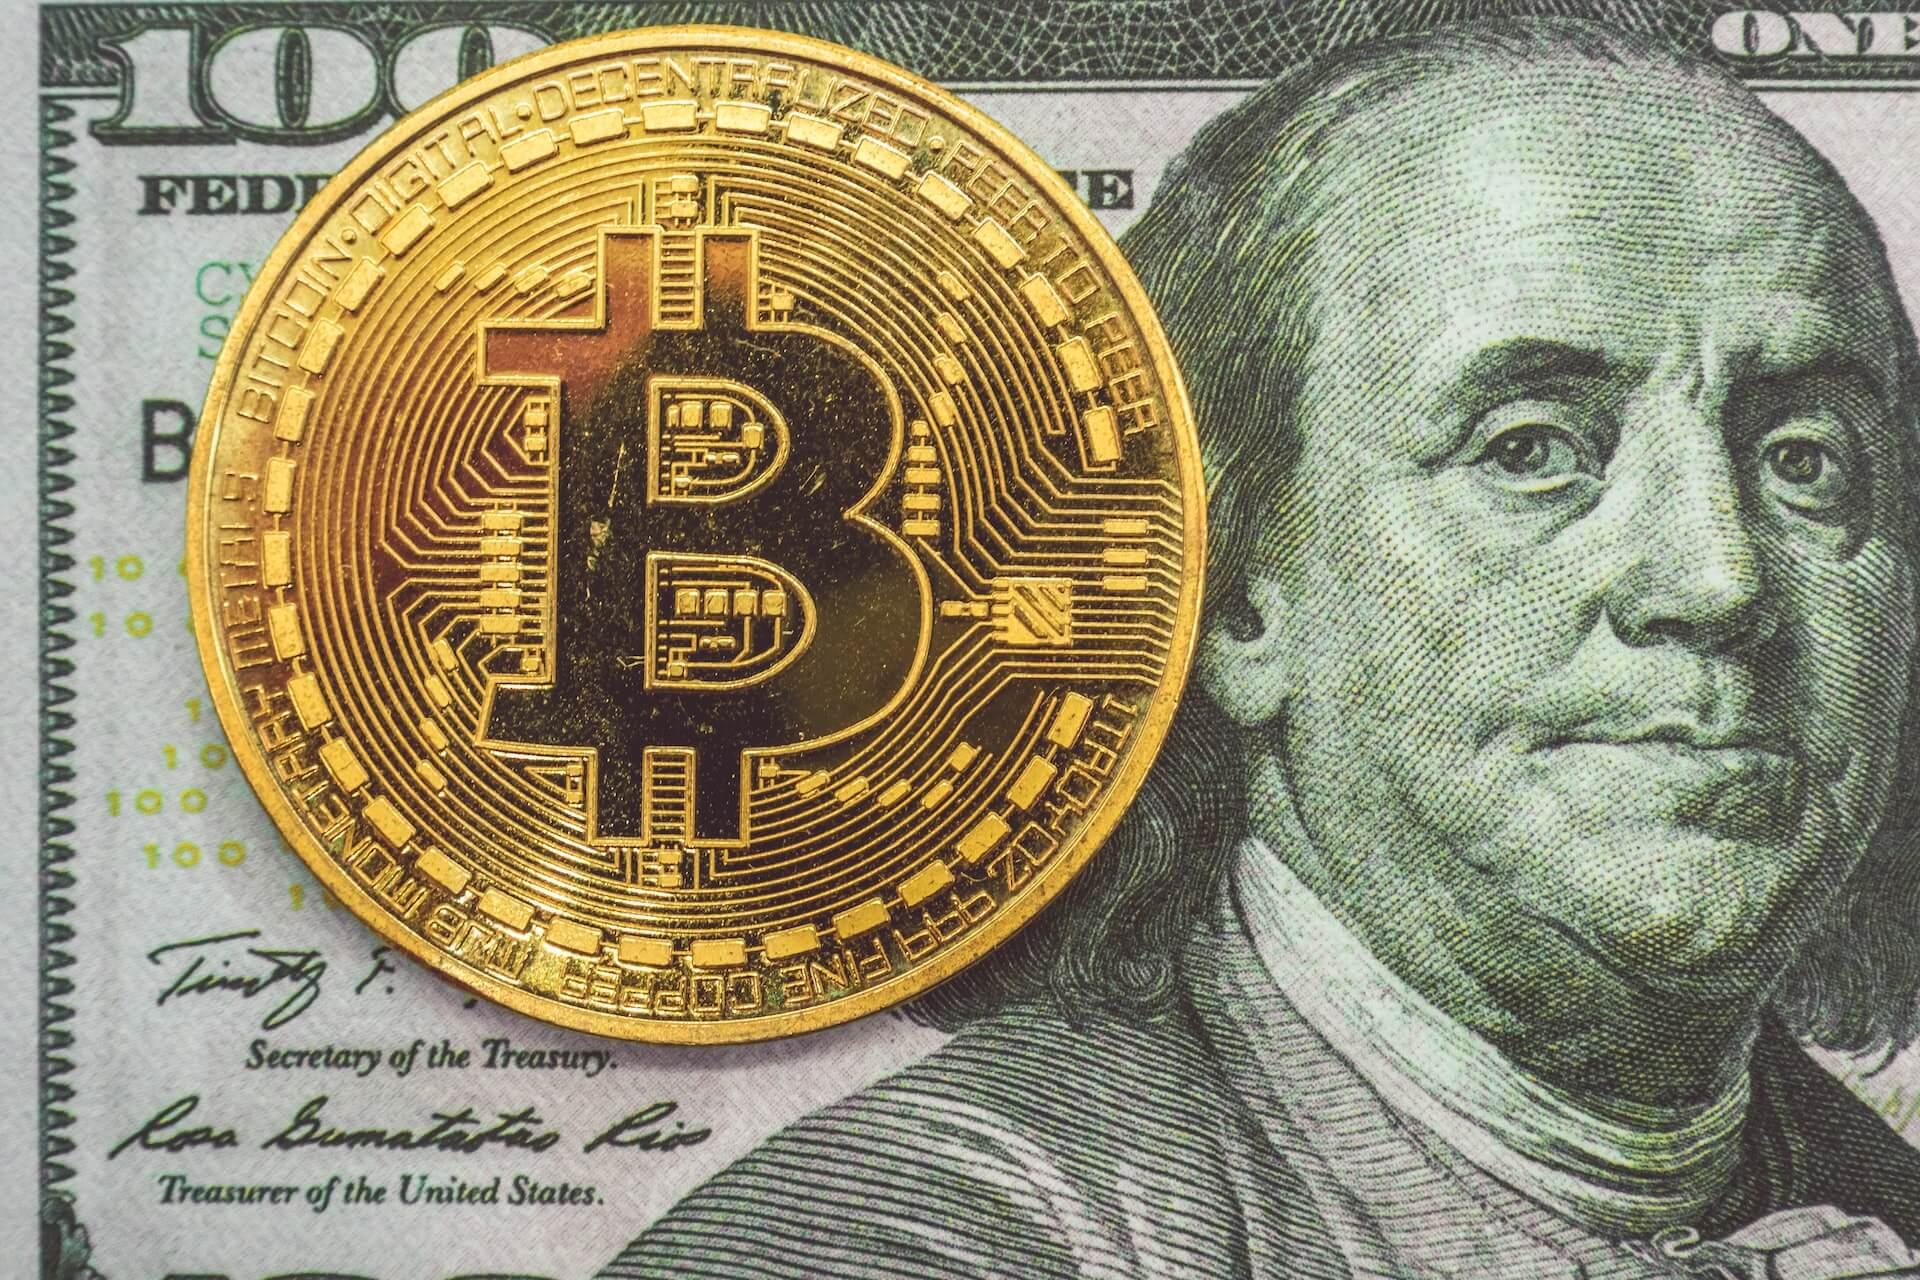 mi befolyásolja a cryptocurrency árakat bitcoins pénztárca átadása